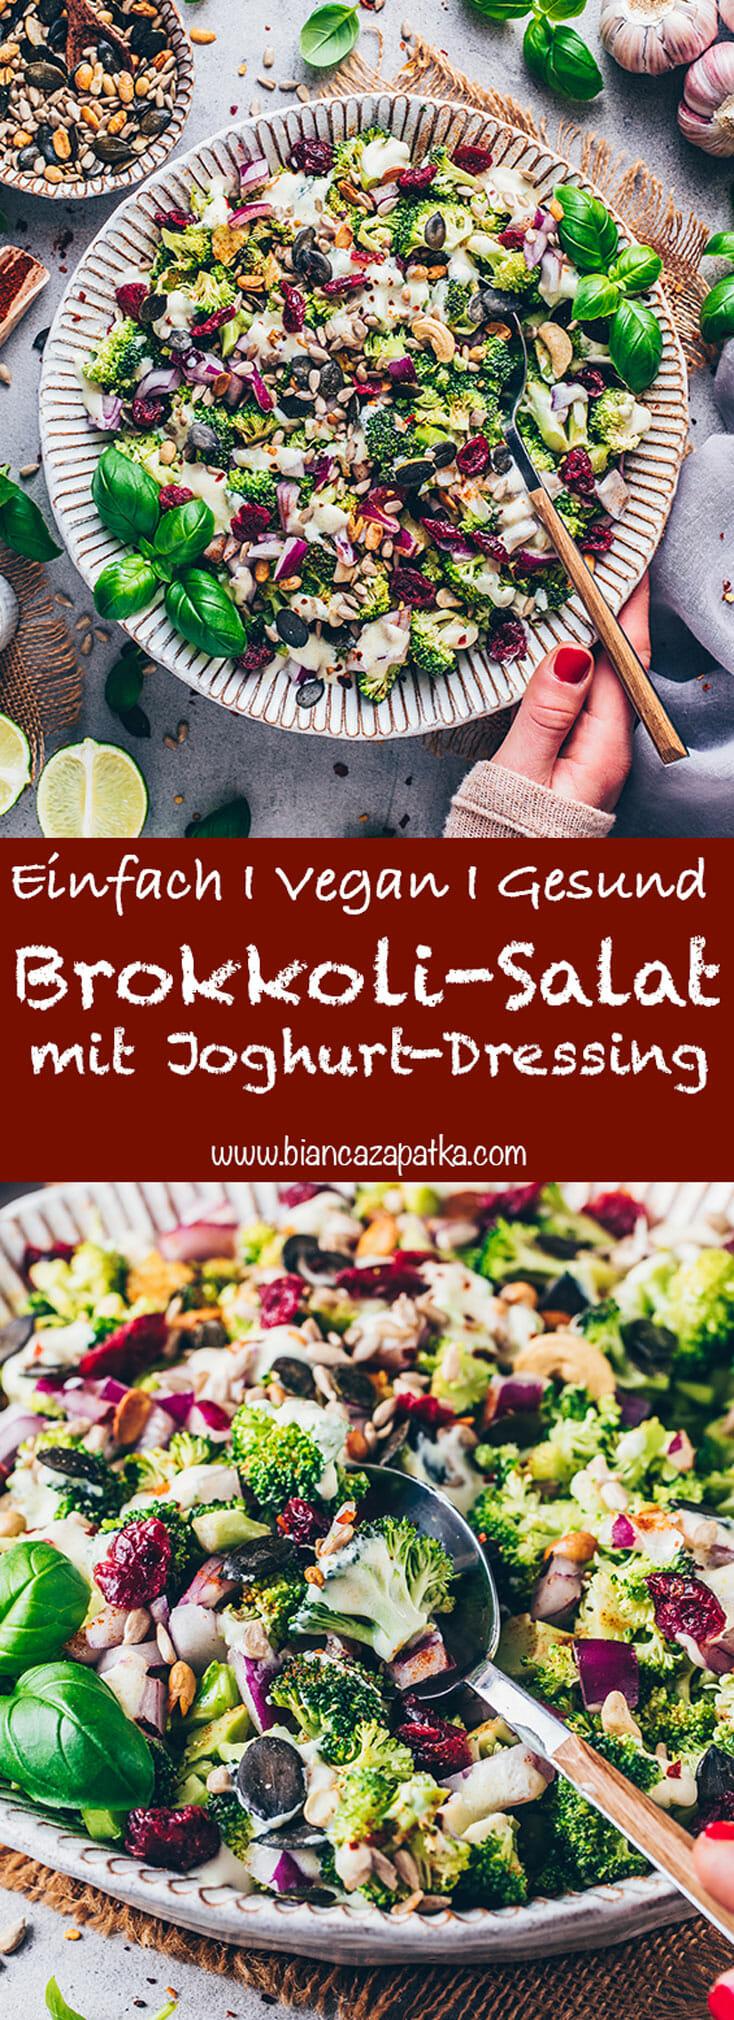 Brokkoli-Salat mit Joghurt-Dressing (gesund, vegan, einfach)